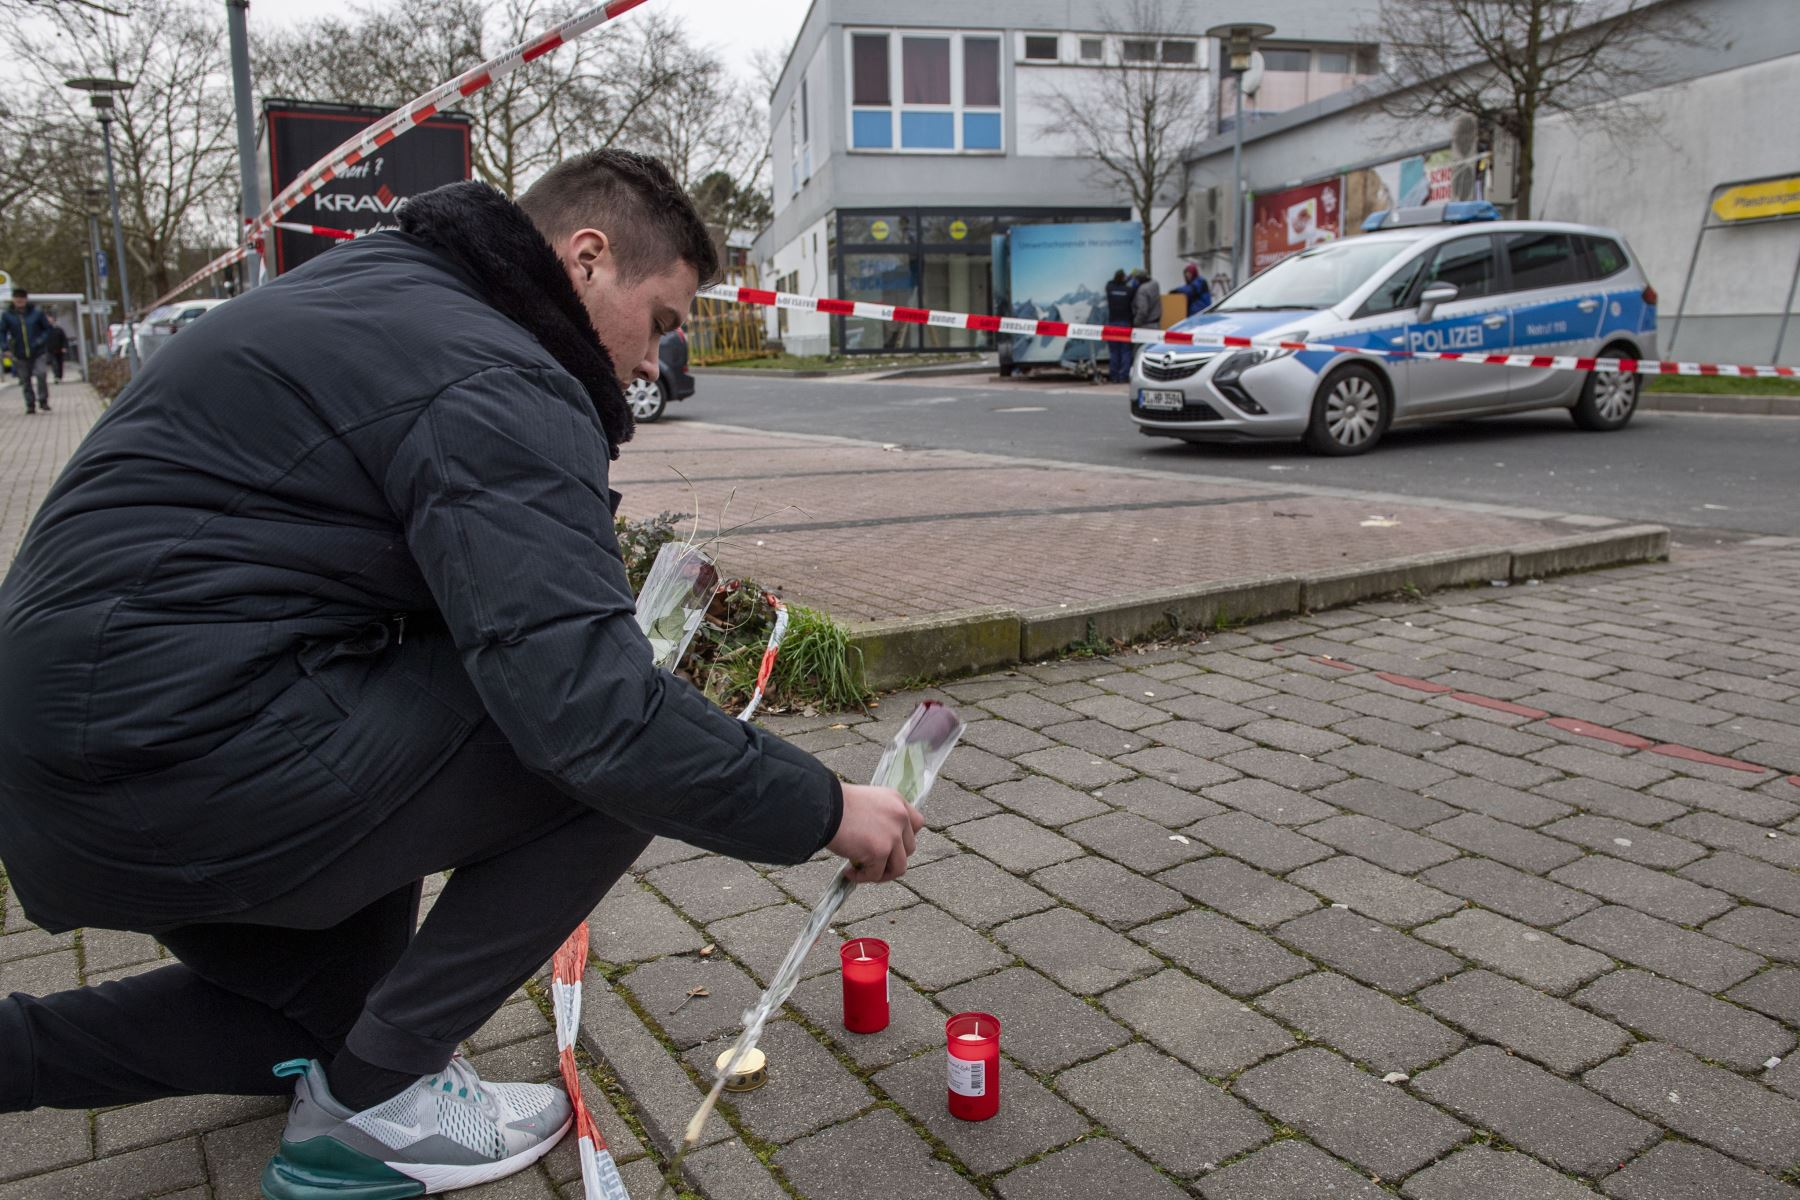 Un hombre pone velas y flores frente a uno de los locales atacados por un tiroteo en Kesselstadt, cerca de Frankfurt, Alemania occidental. Foto: AFP